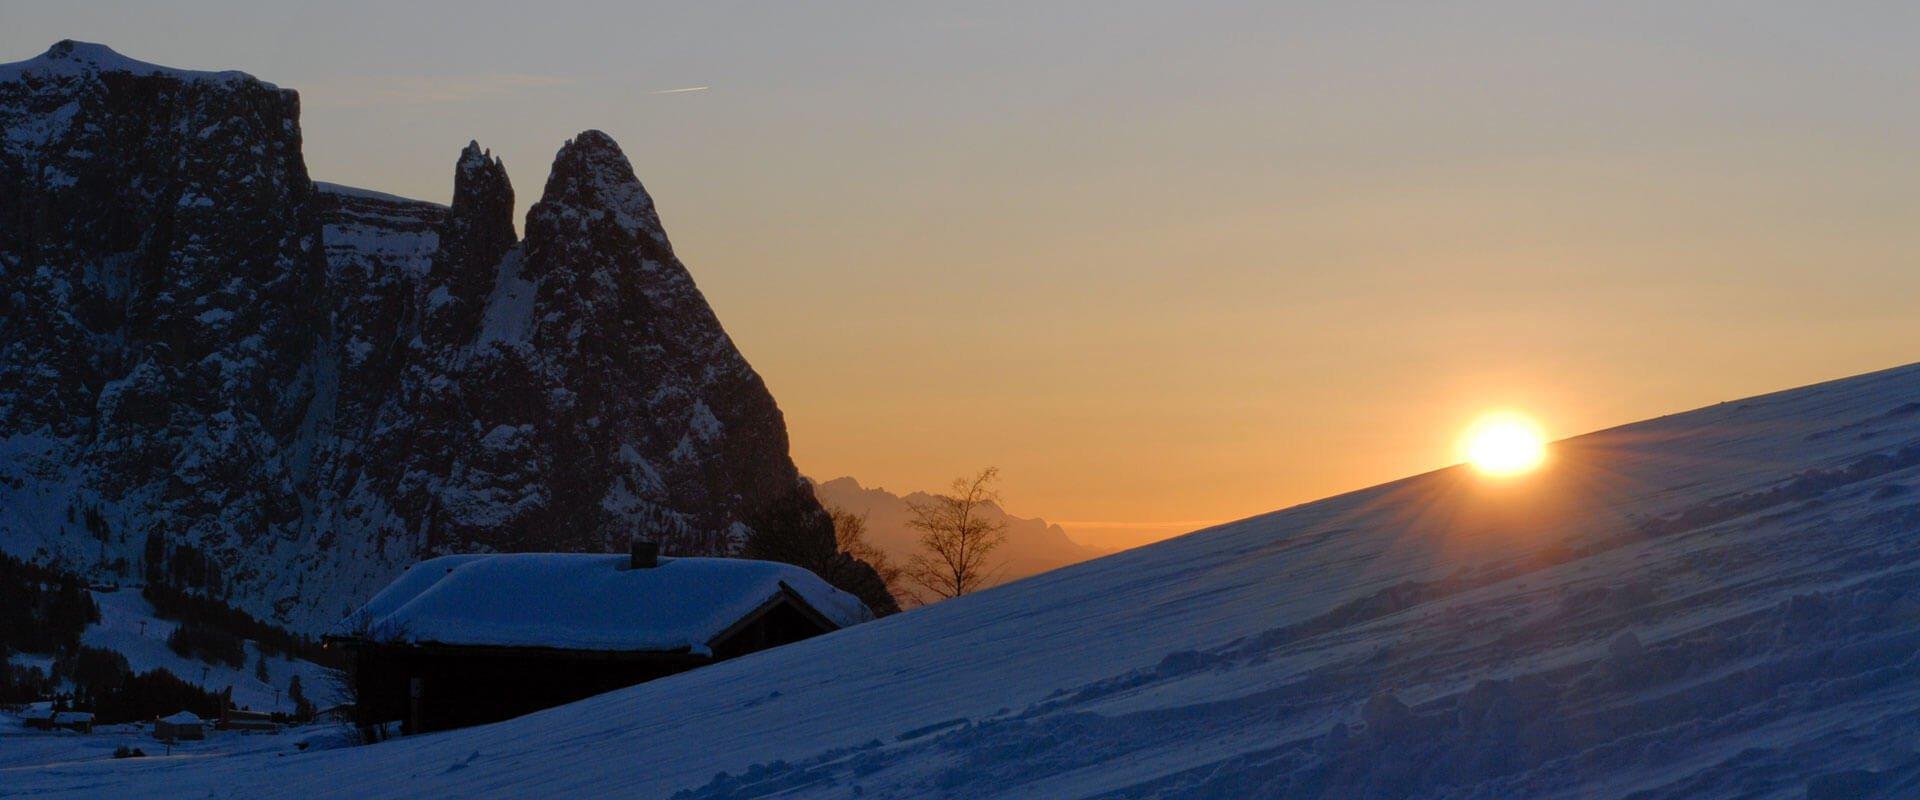 winterurlaub-kastelruth